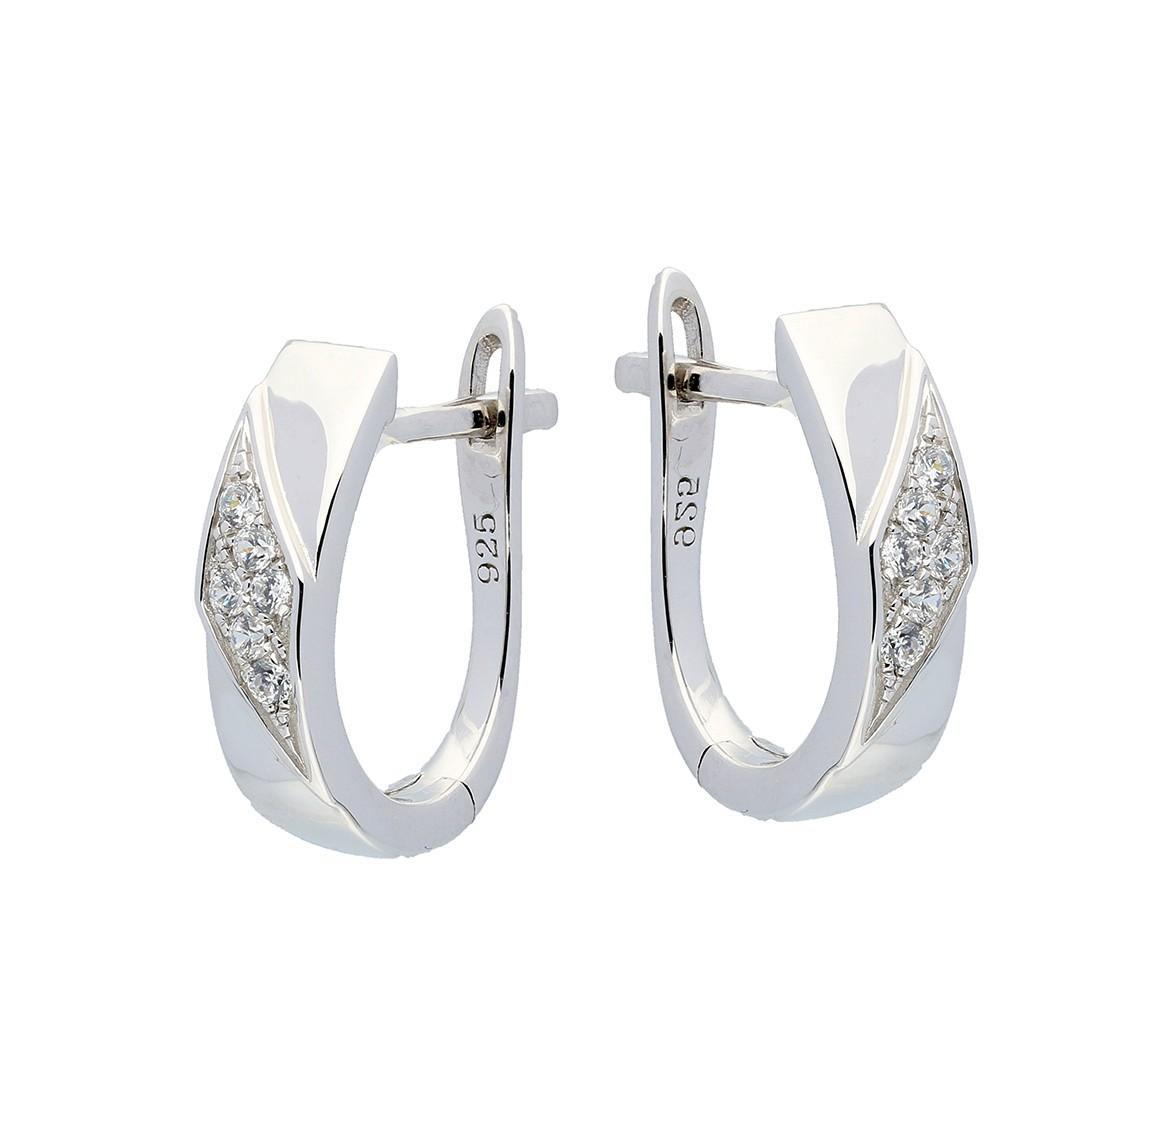 Elegance Zilveren Oorbellen met zirconia 107.6203.00